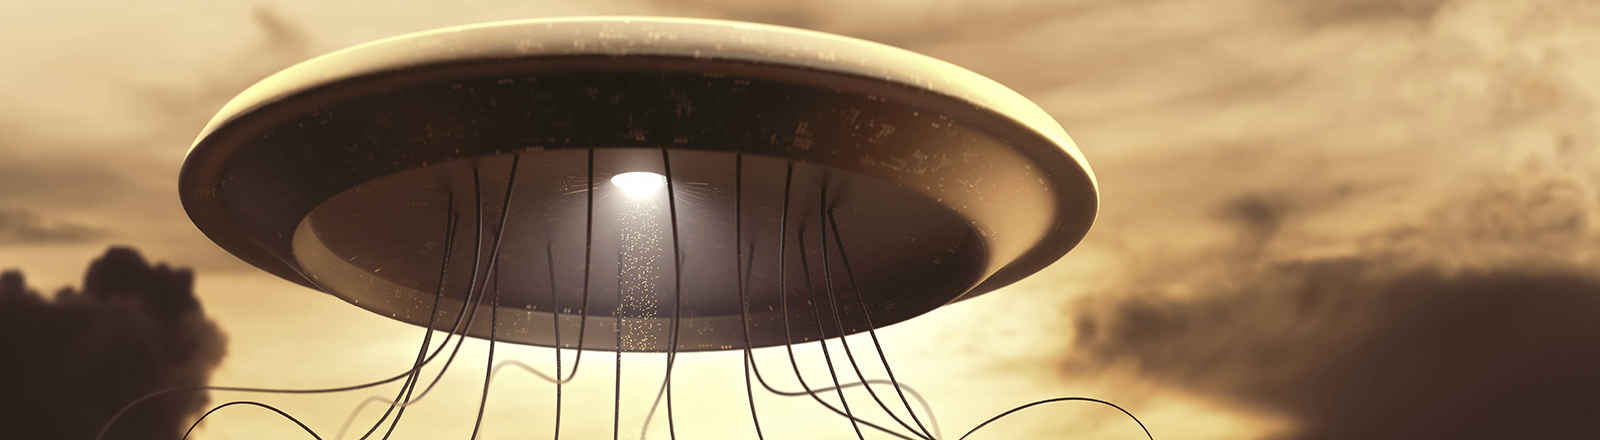 Ein Ufo mit Fangarmen schwebt in der Luft.